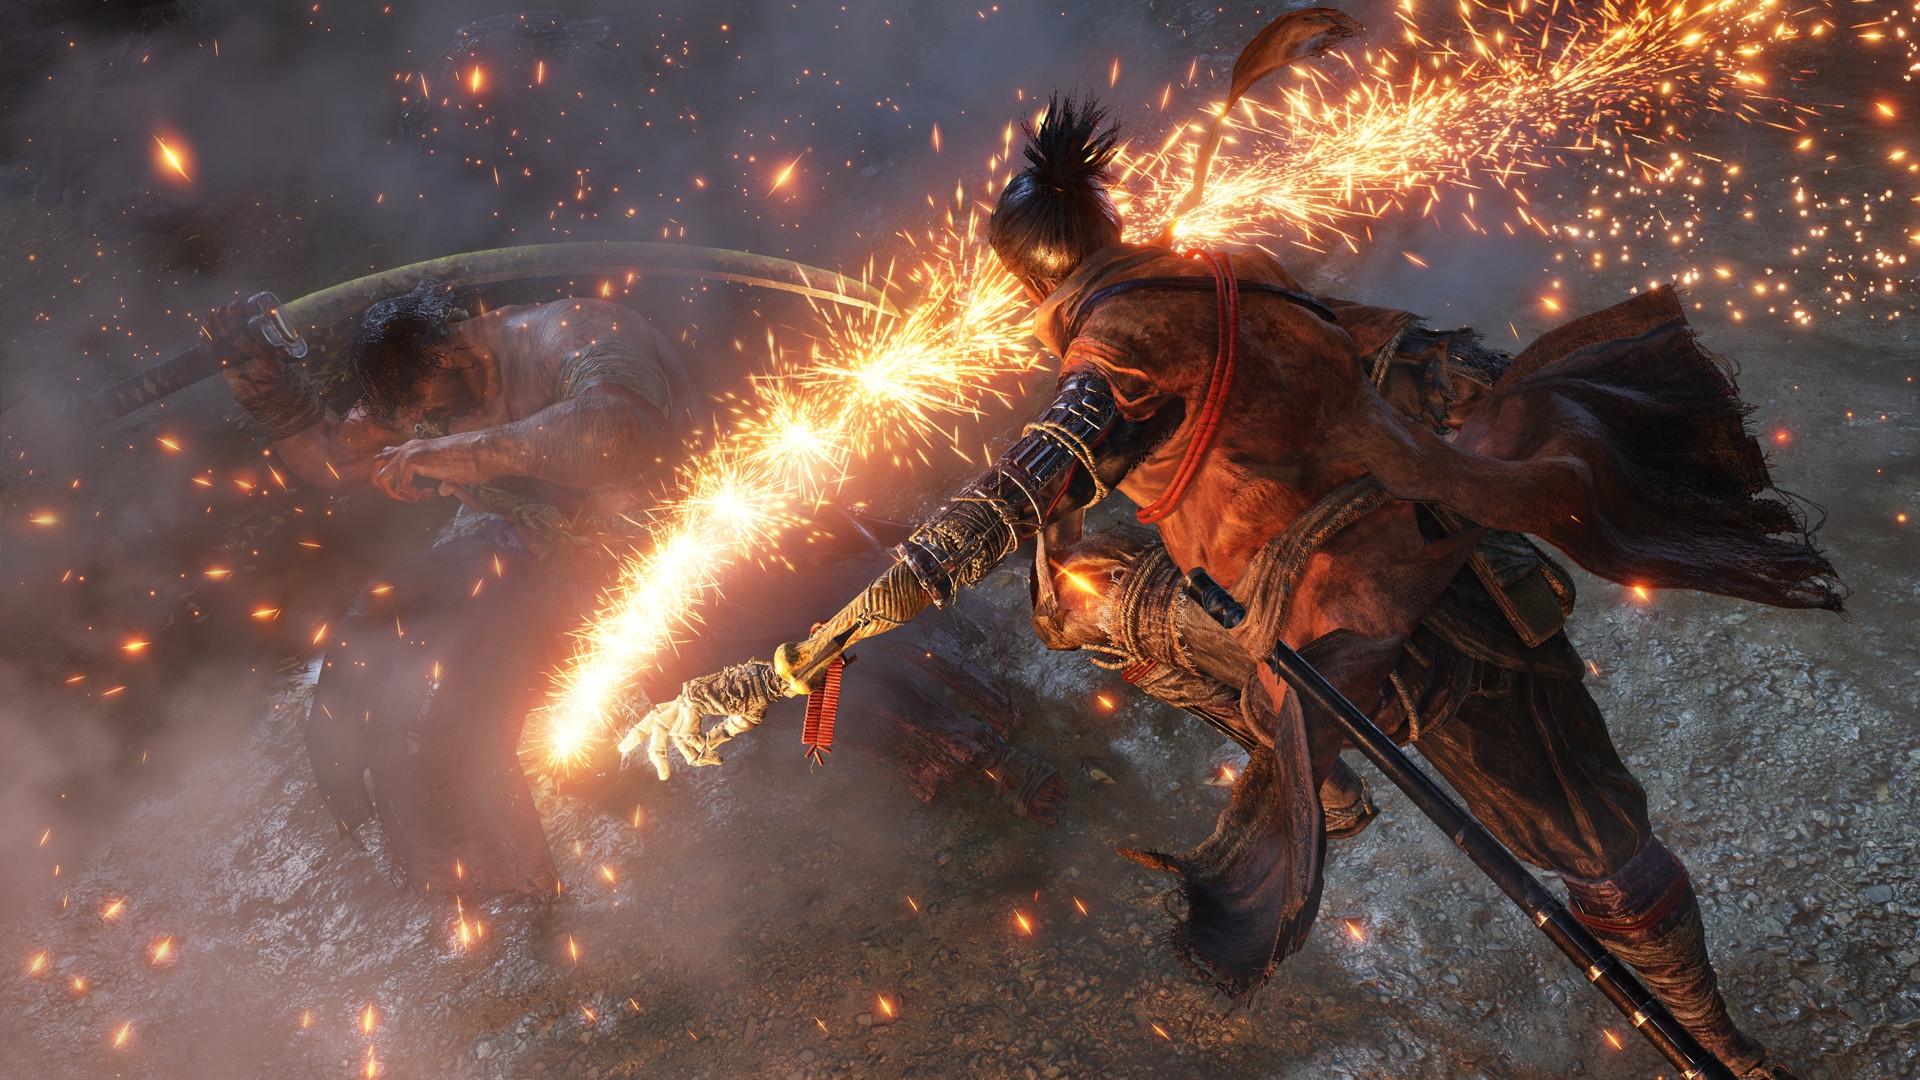 《只狼:影逝二度》占榜首   Steam最新一周销量排行榜发布